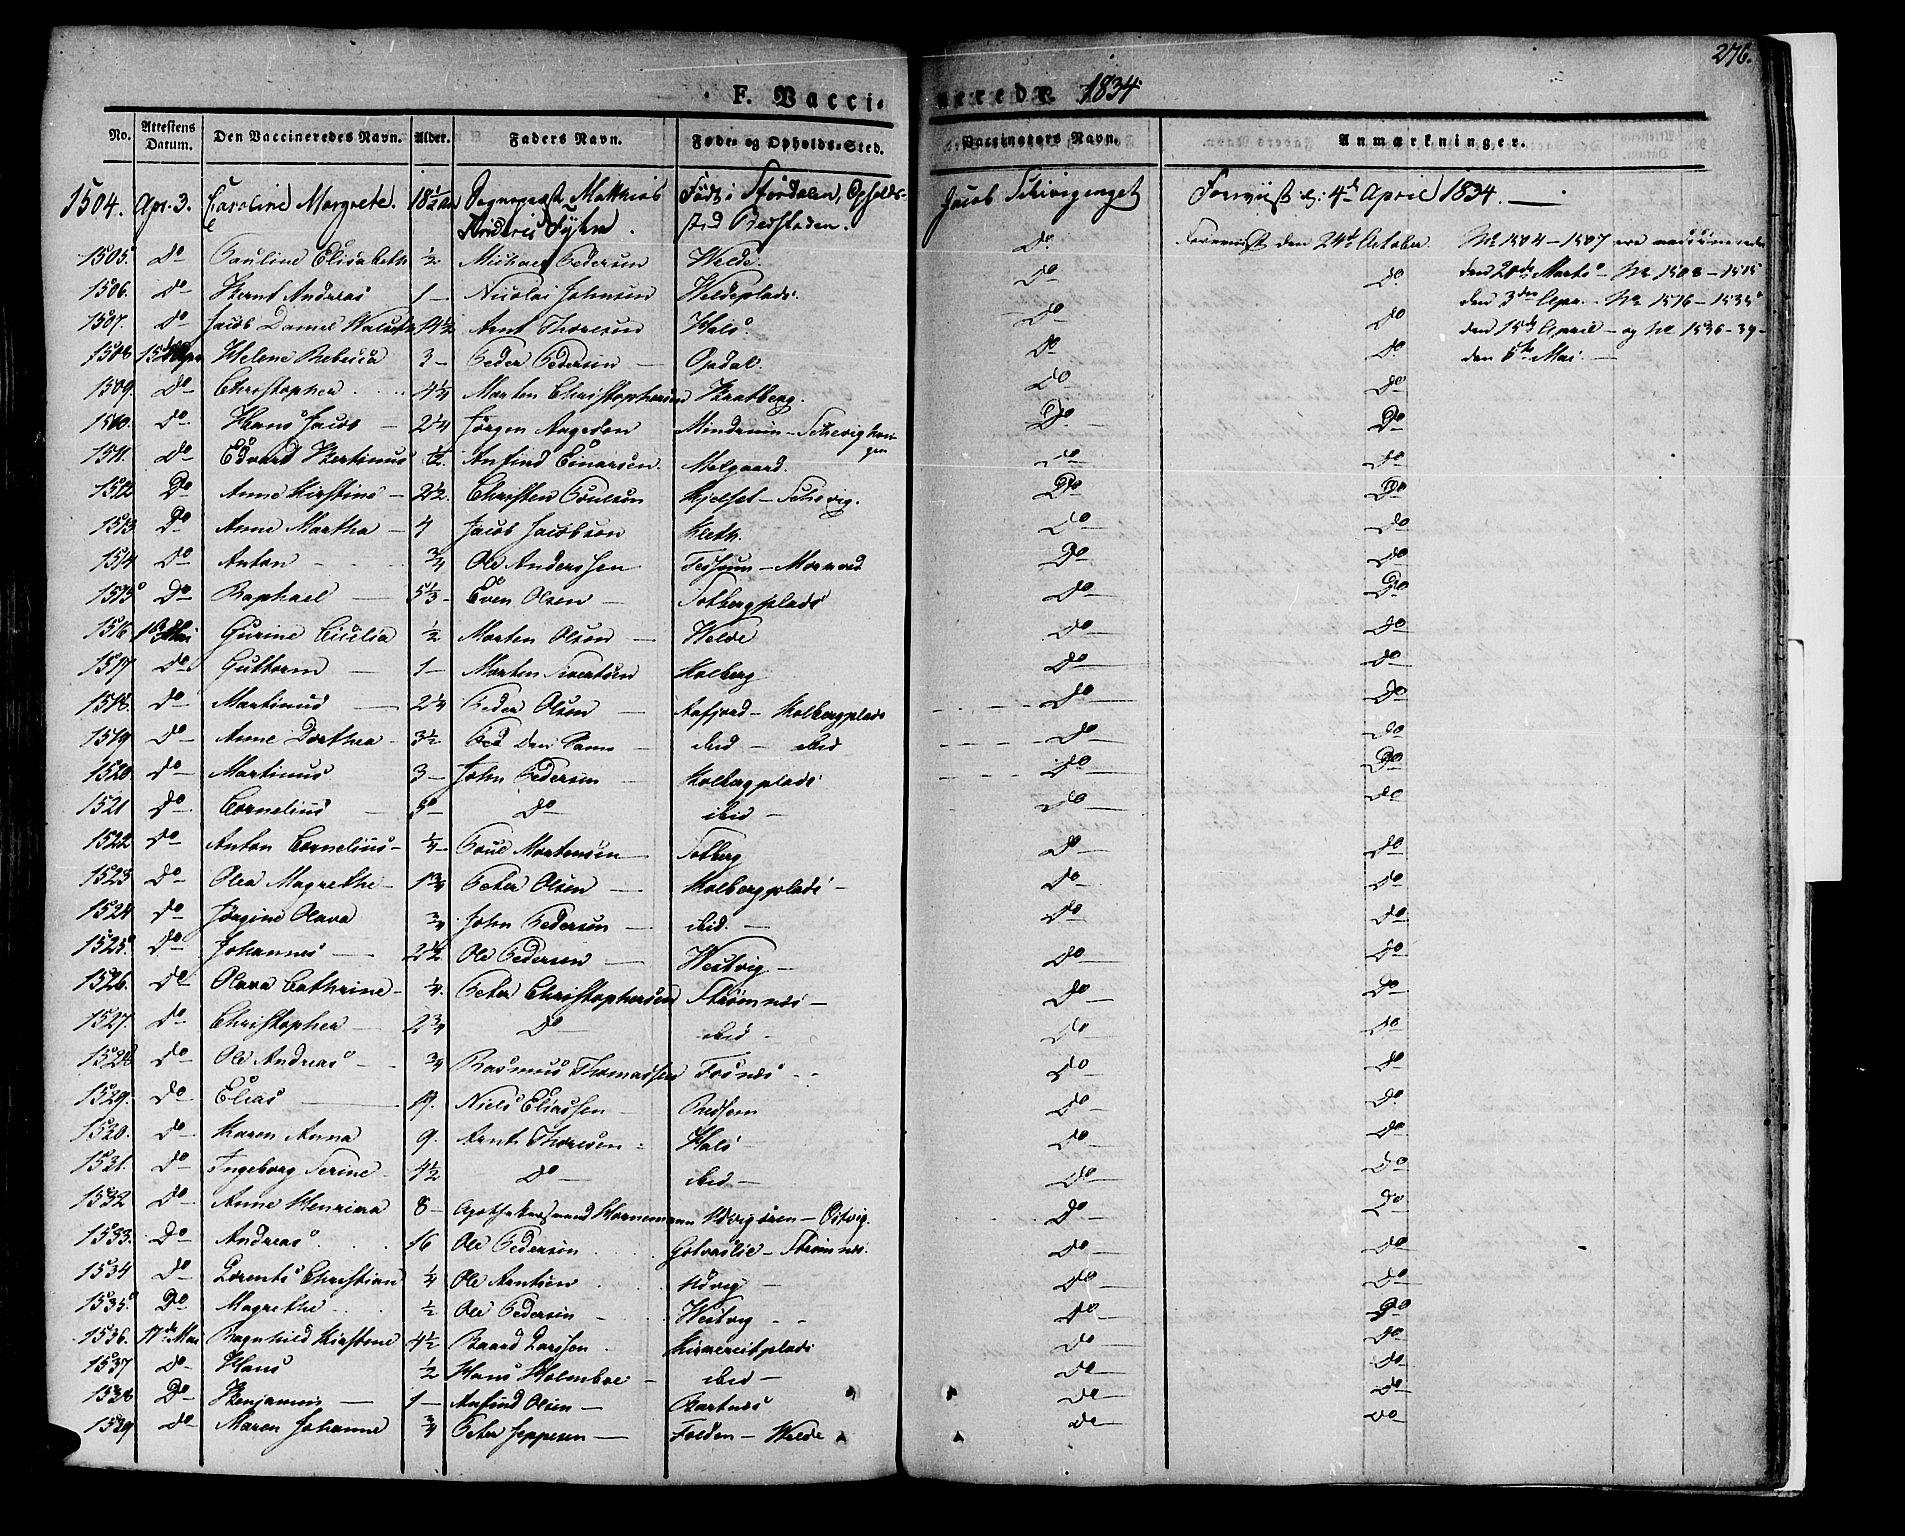 SAT, Ministerialprotokoller, klokkerbøker og fødselsregistre - Nord-Trøndelag, 741/L0390: Ministerialbok nr. 741A04, 1822-1836, s. 276